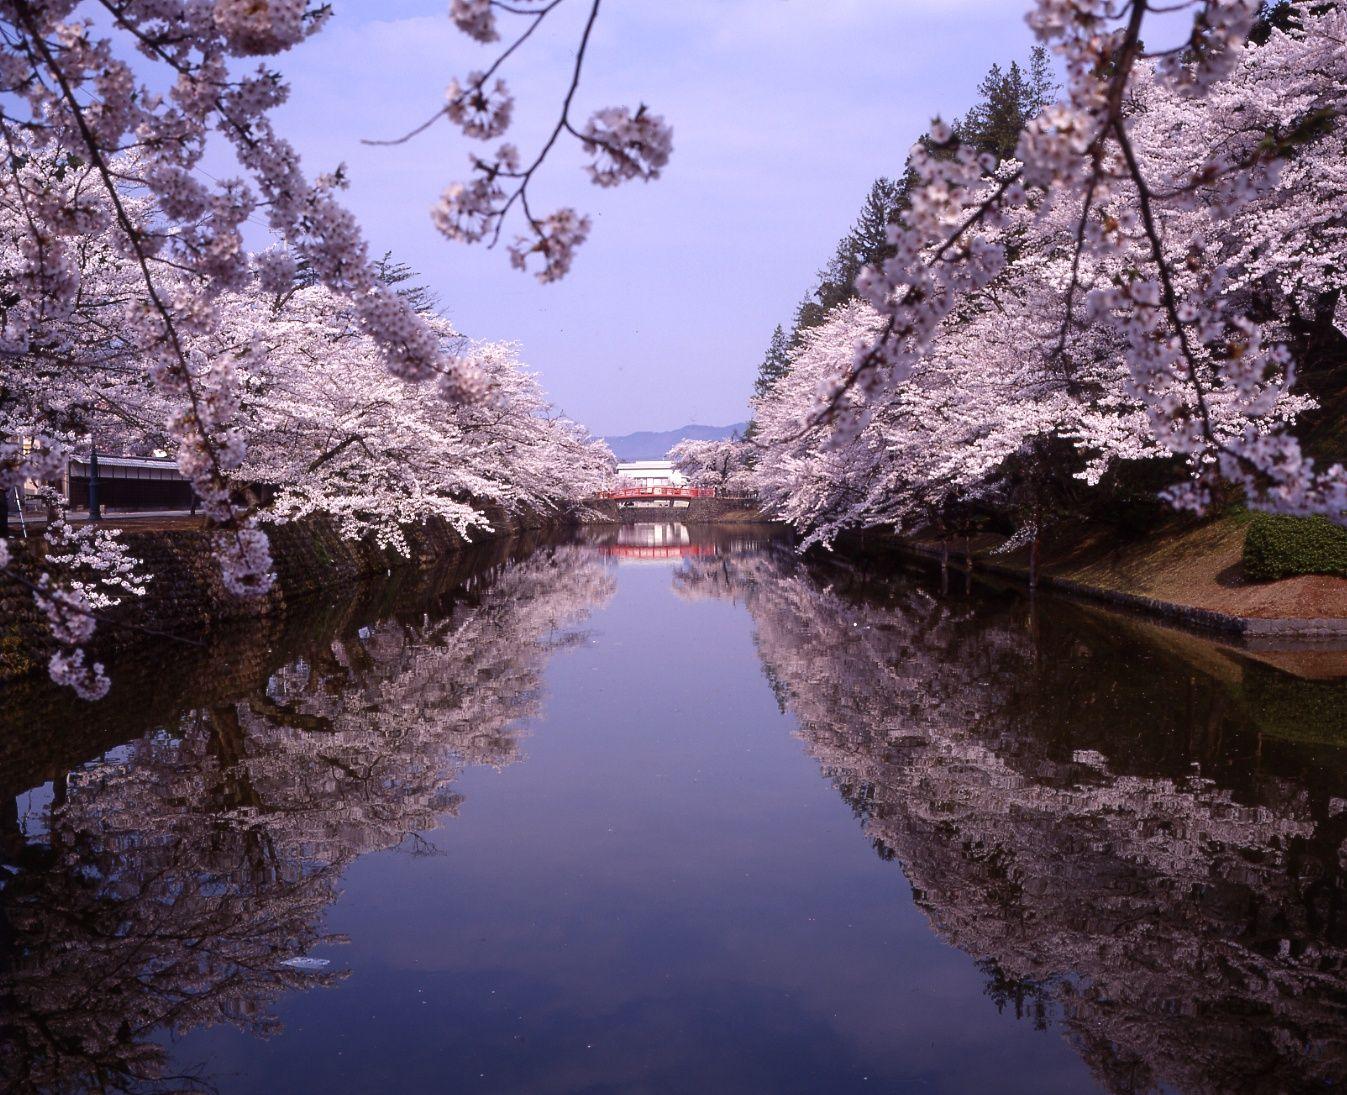 2017 Matsu-ga-saki Park (Uesugi Shrine) cherry tree information: Image